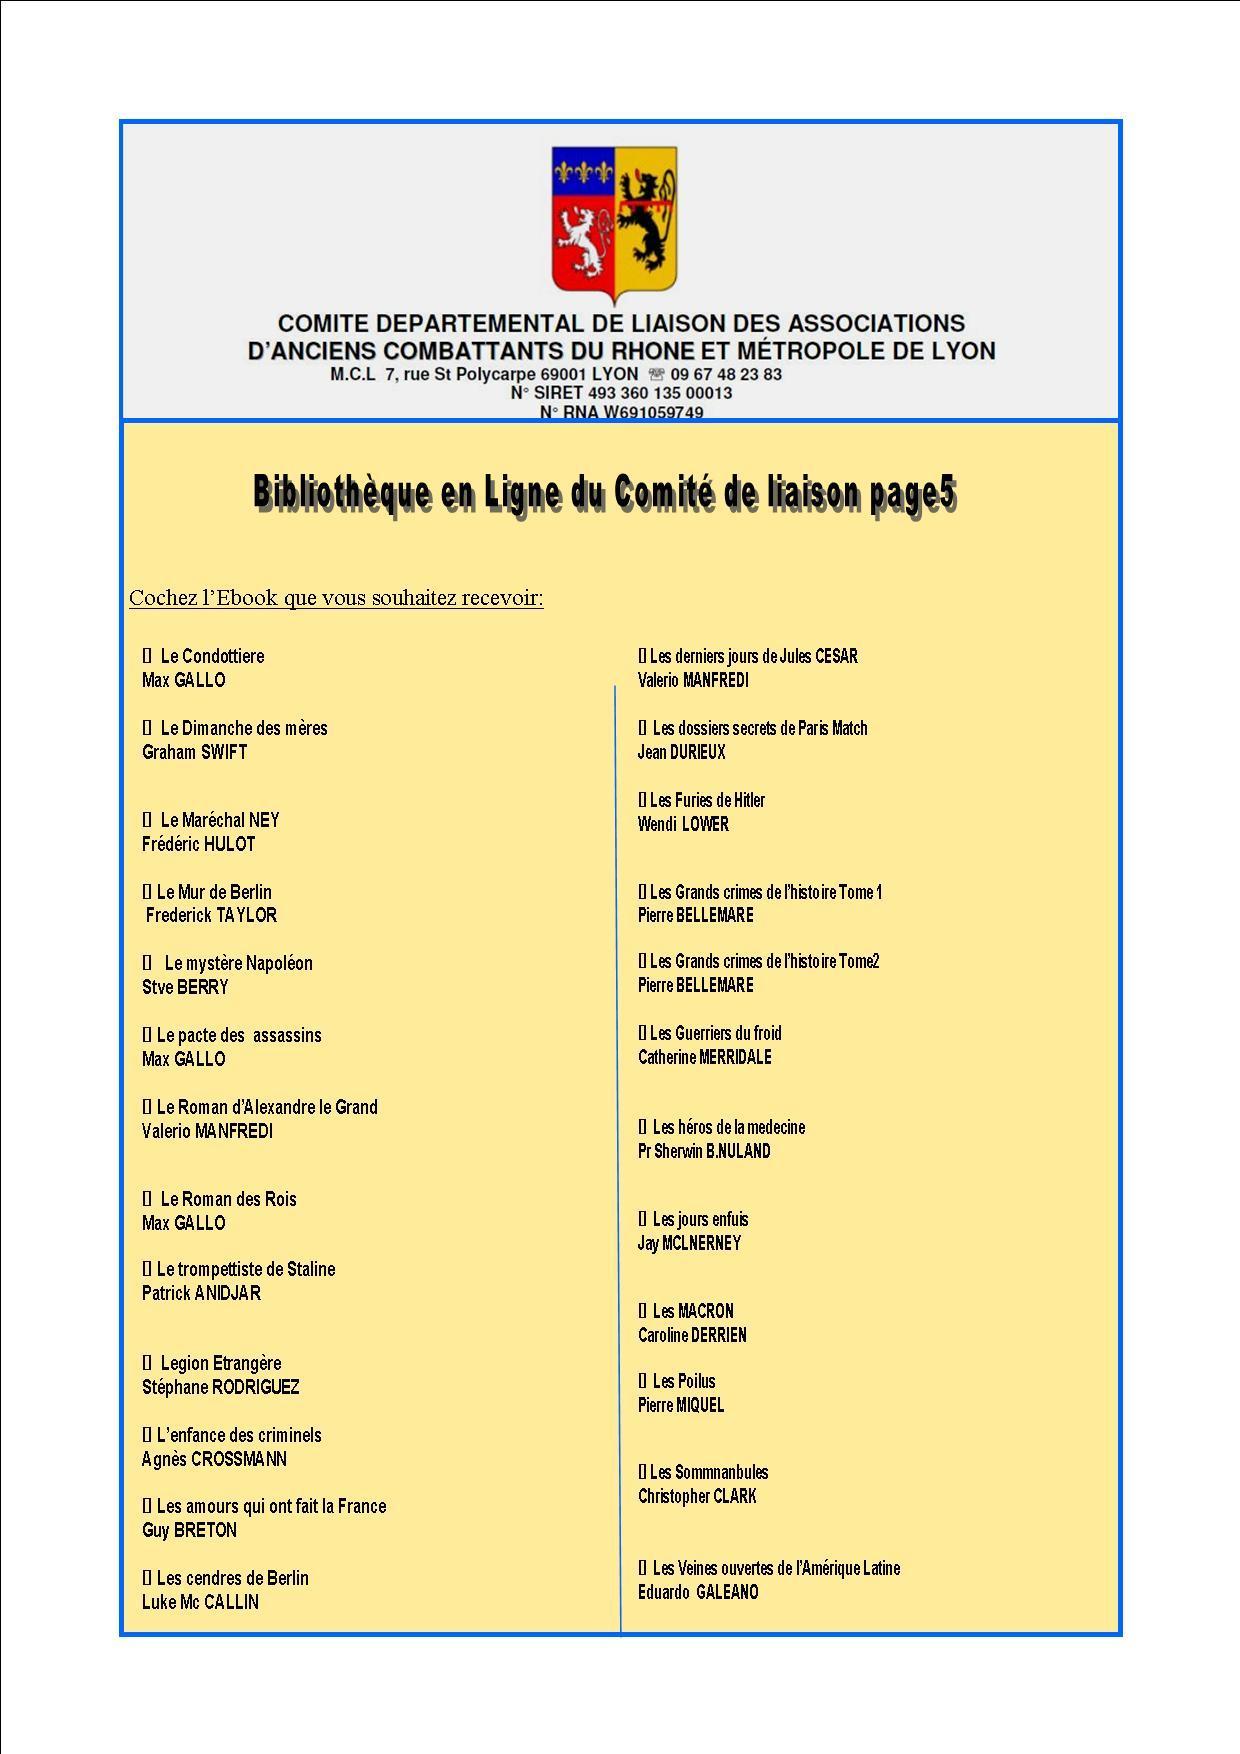 Bibliotheque en ligne du comite de liaison page5